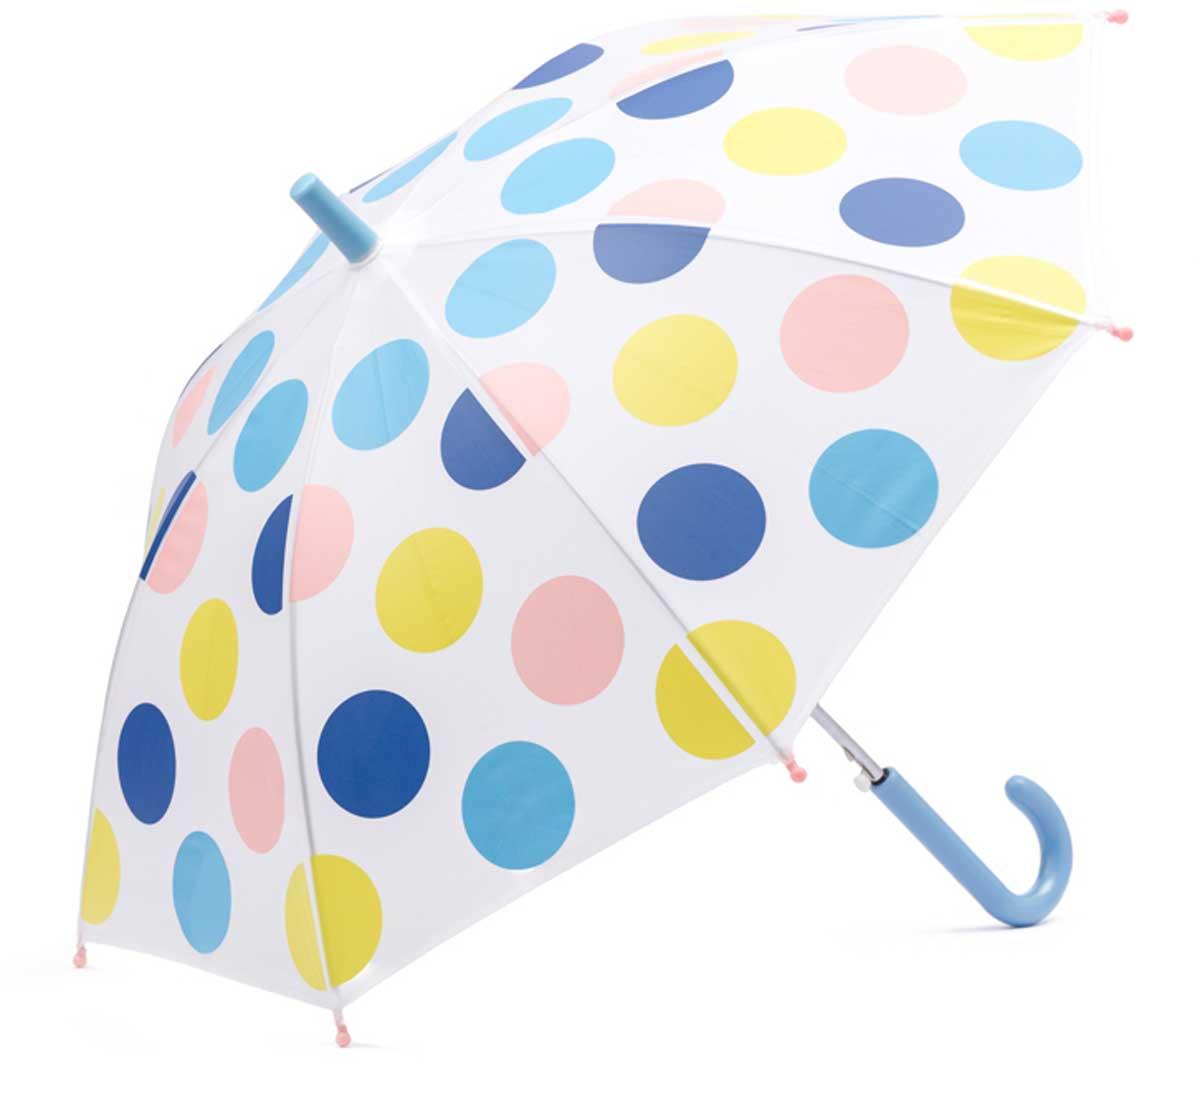 Зонт для девочки PlayToday, цвет: белый, синий, голубой, розовый, салатовый. 178702. Размер 41.5172072Этот зонтик обязательно понравится Вашему ребенку! Оснащен специальной безопасной системой открывания и закрывания. Материал каркаса ветроустойчивый. Концы спиц снабжены пластмассовыми наконечниками для защиты от травм. Такой зонт идеально подойдет для прогулок в дождливую погоду.